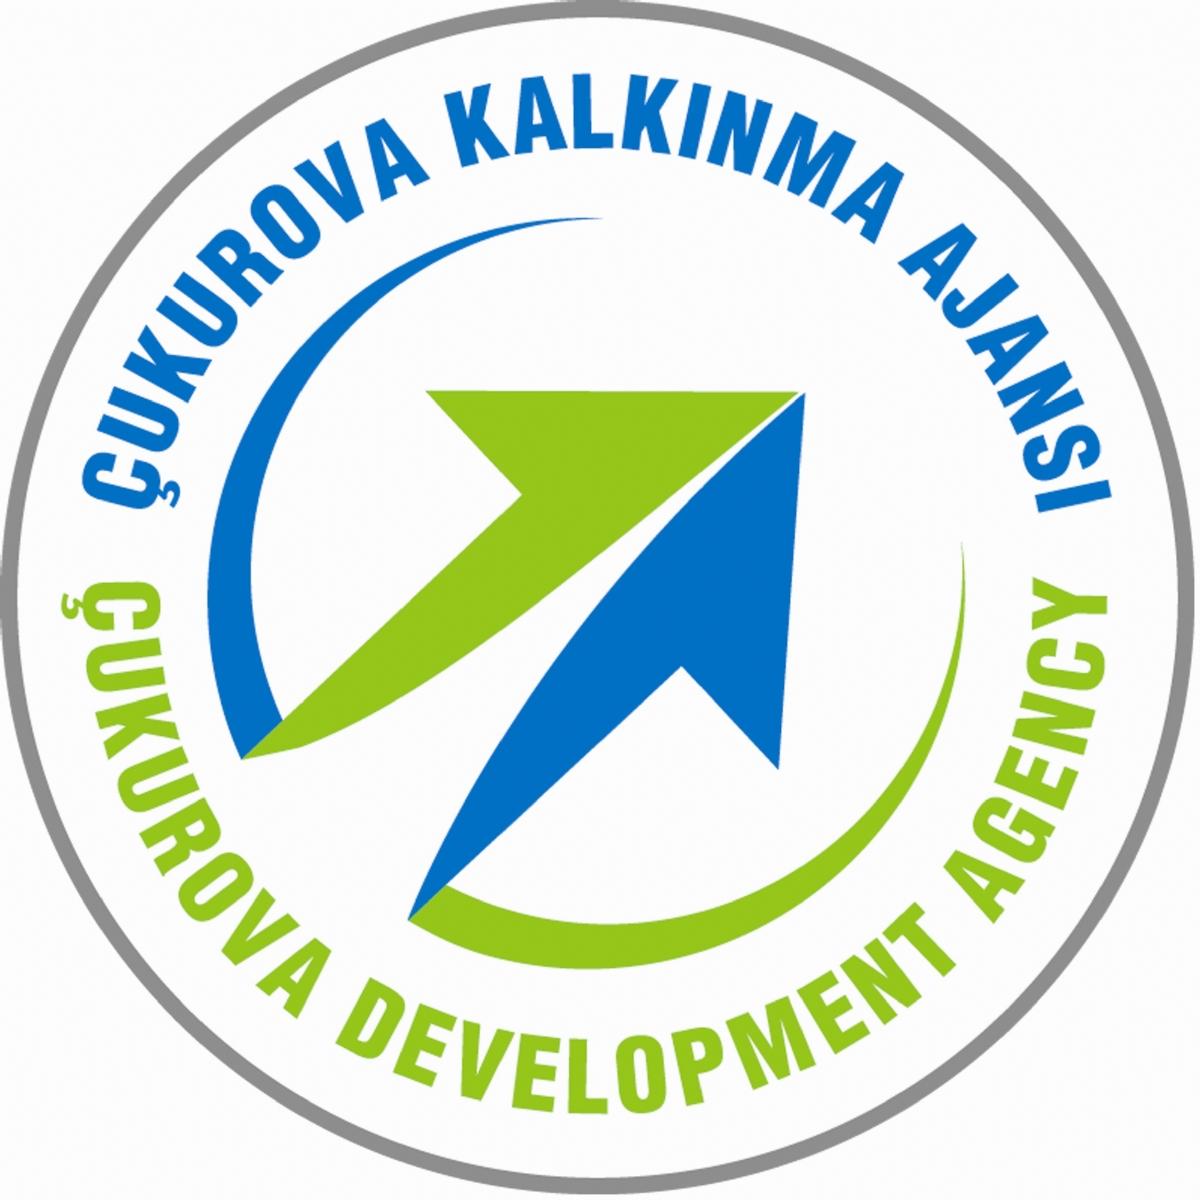 Çukurova Kalkınma Ajansı 2018 Yılı Mali Destek Programı Teklif Çağrısı